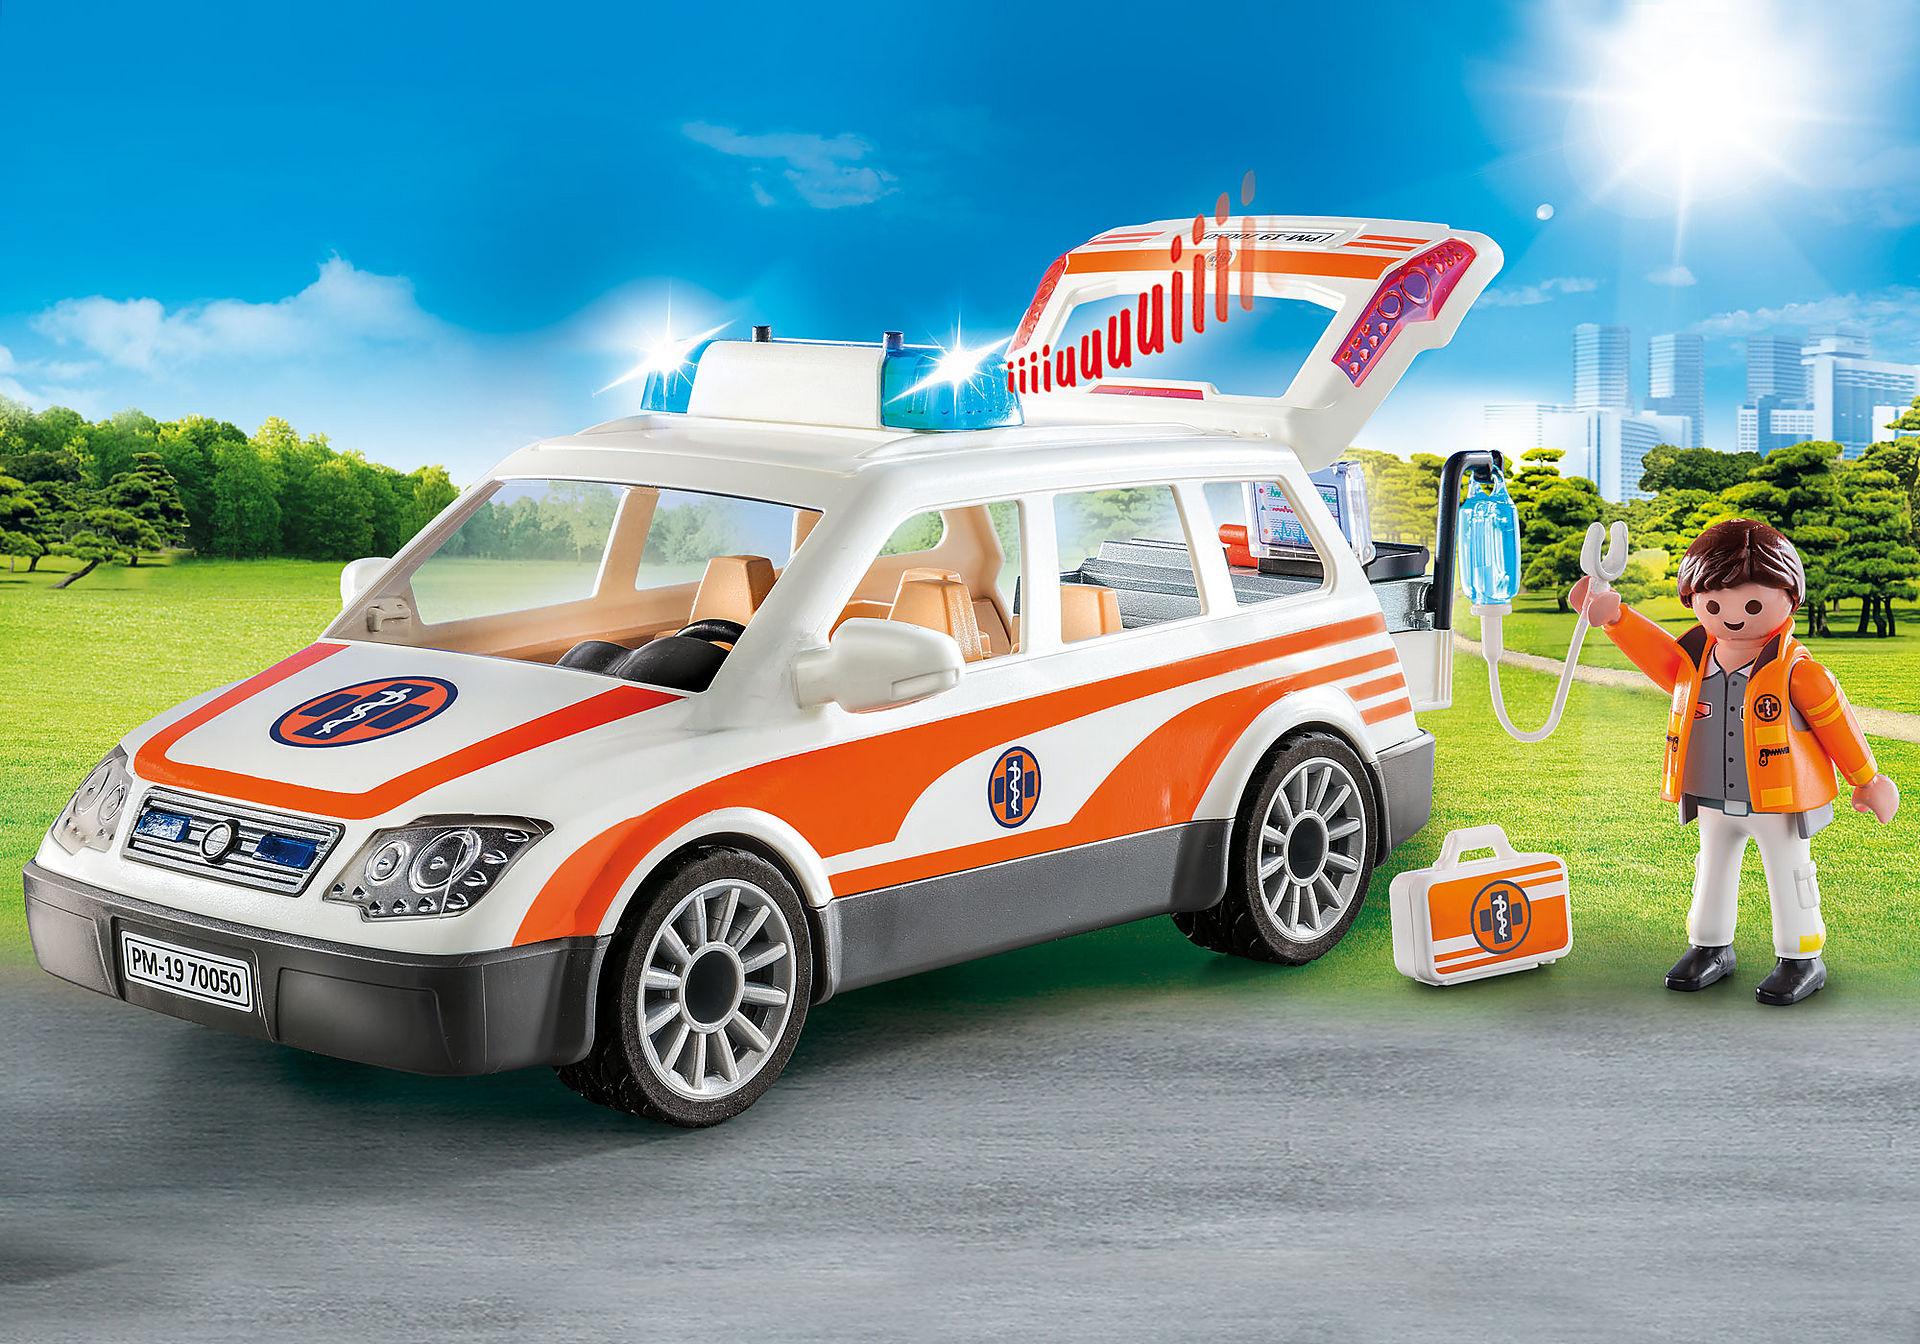 70050 Samochód ratowniczy ze światłem i dźwiękiem zoom image1